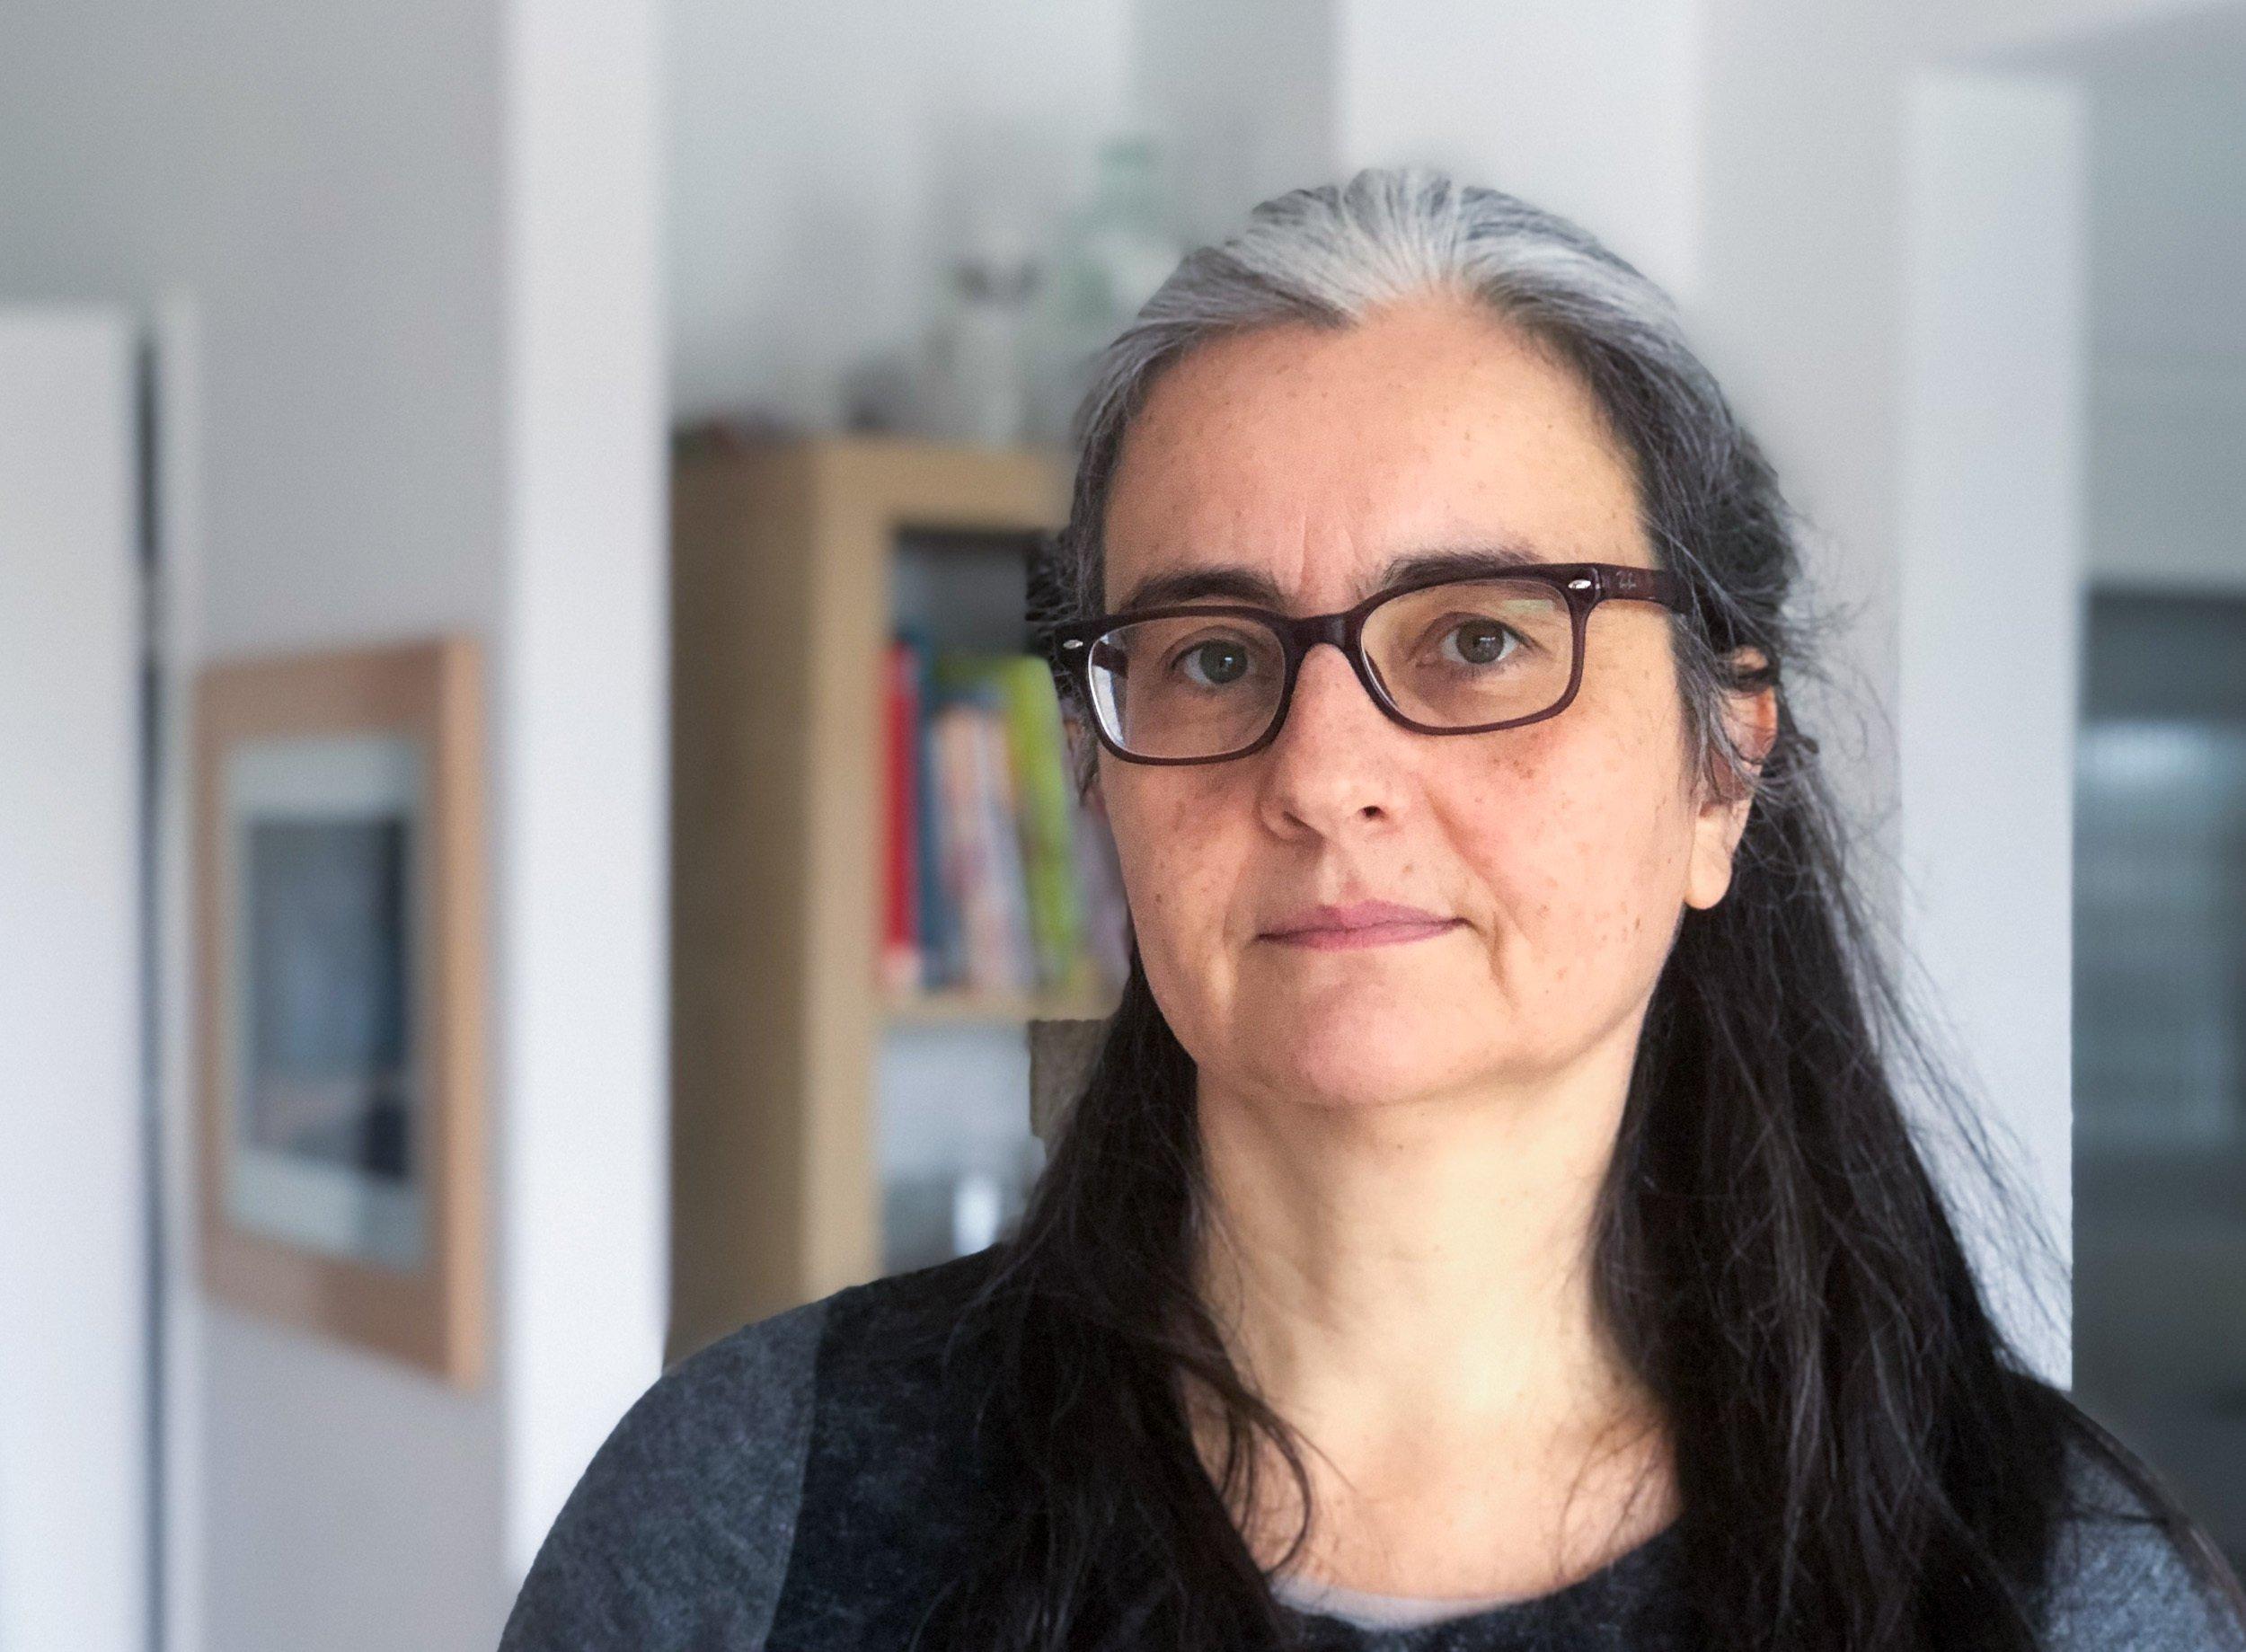 Eine Frau mit langen schwarzen Haaren und Brille blickt in die Kamera.